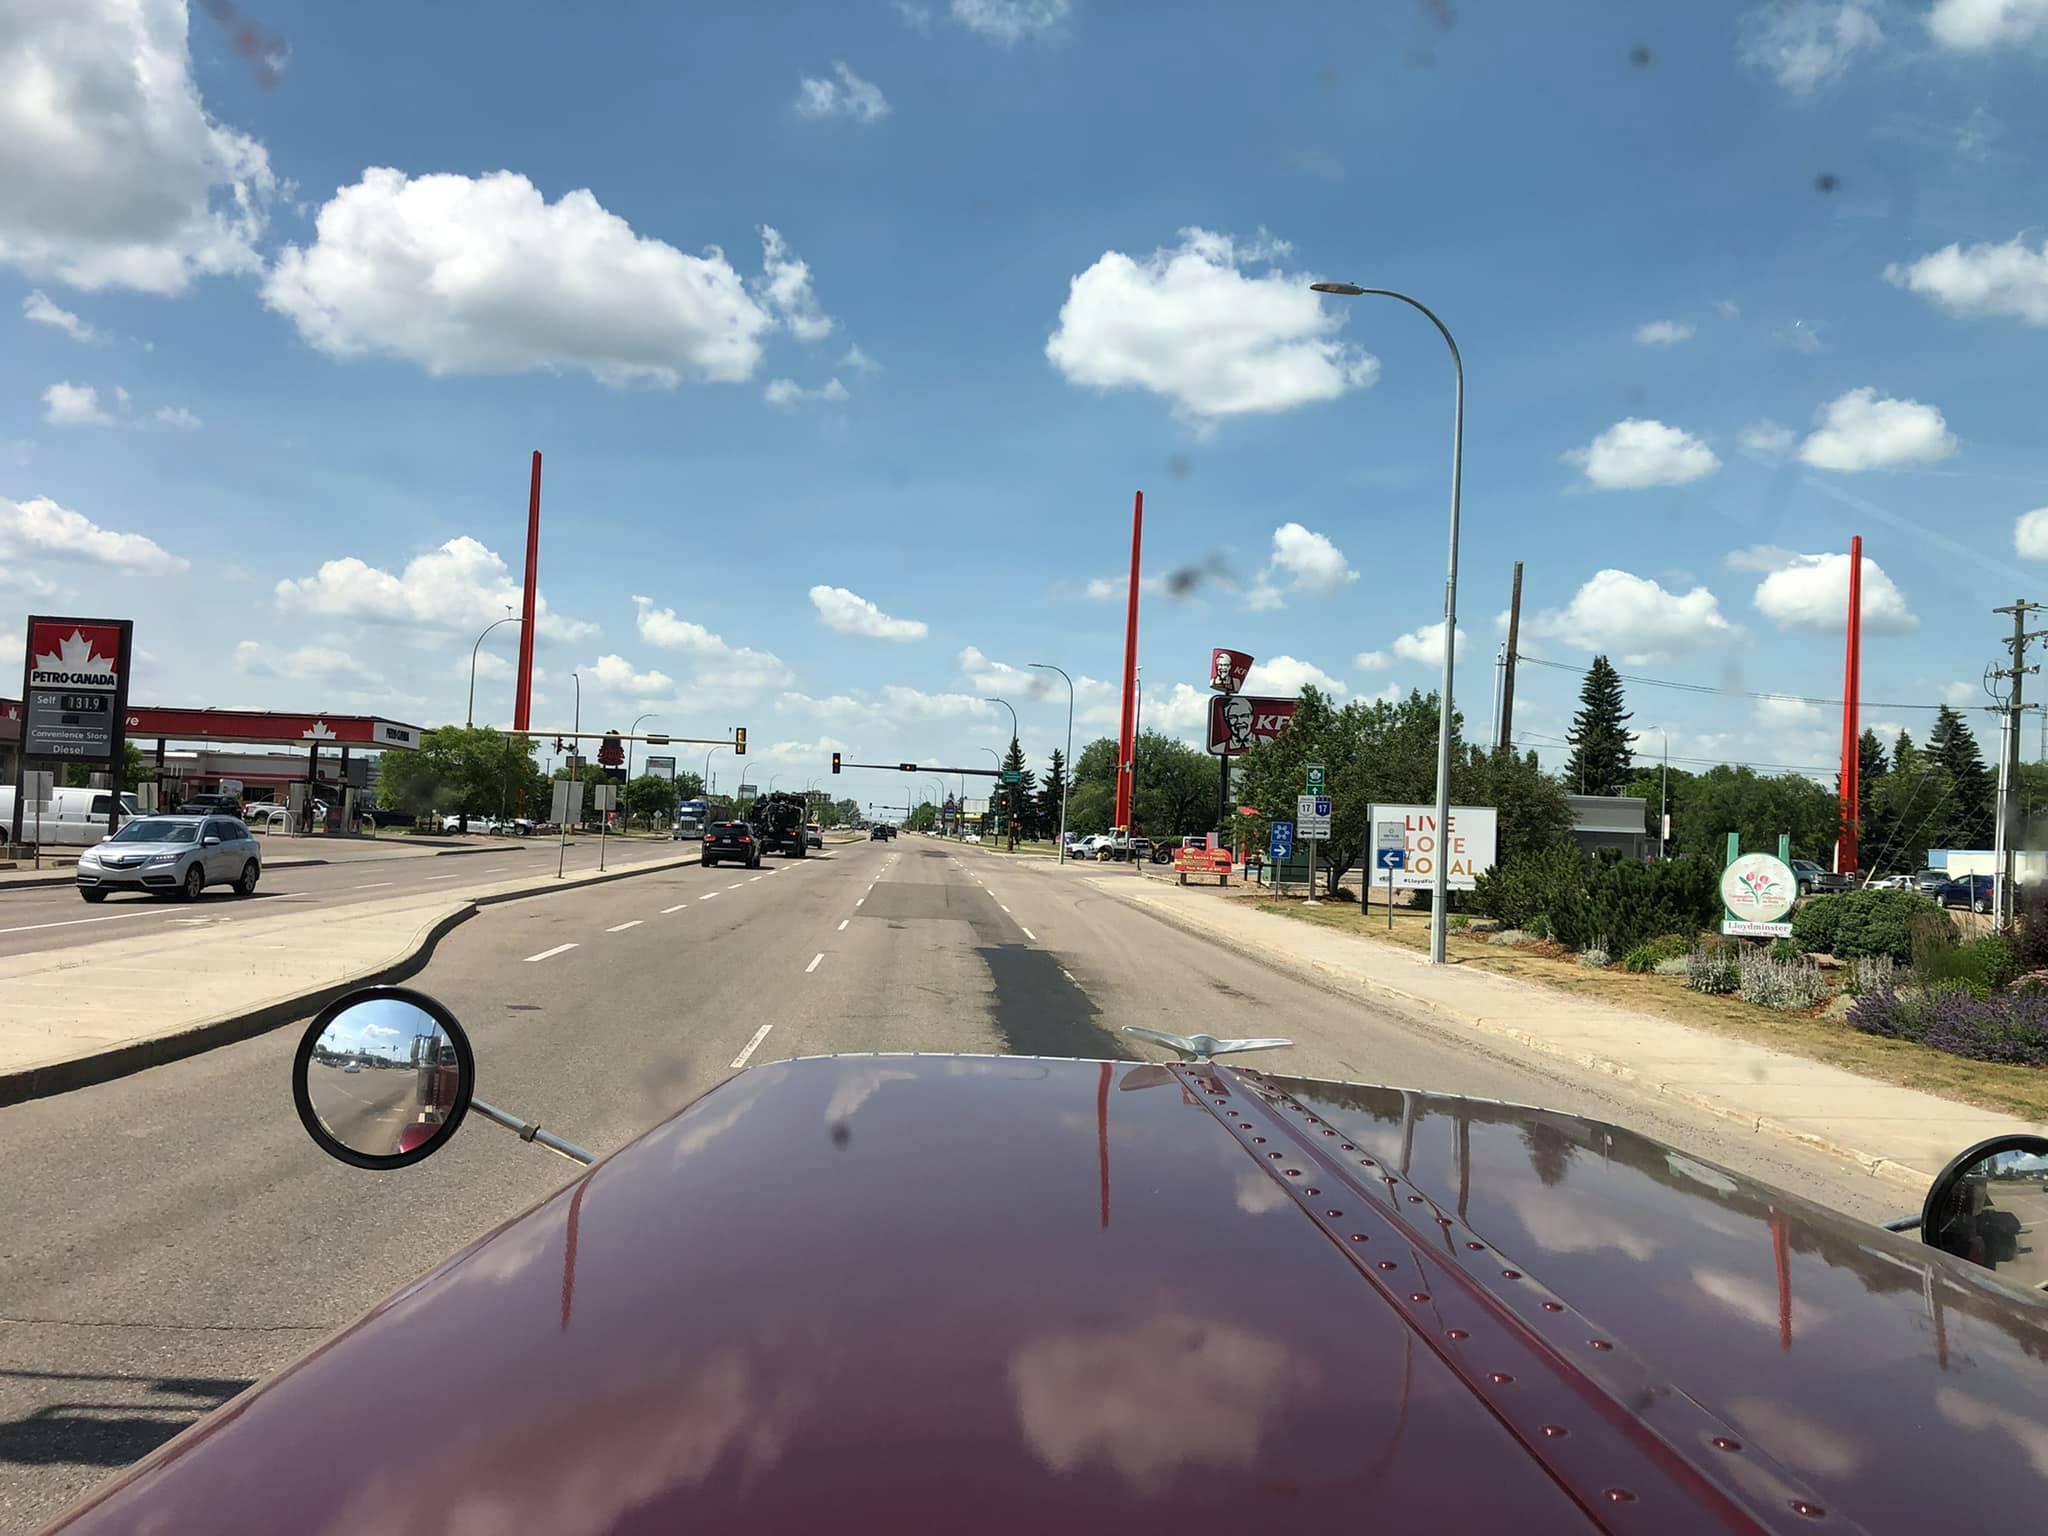 Ritje-naar-Edmonton-dan-Toronto-en-twee-ritten-naar-New-York-17-7-2021-(5)